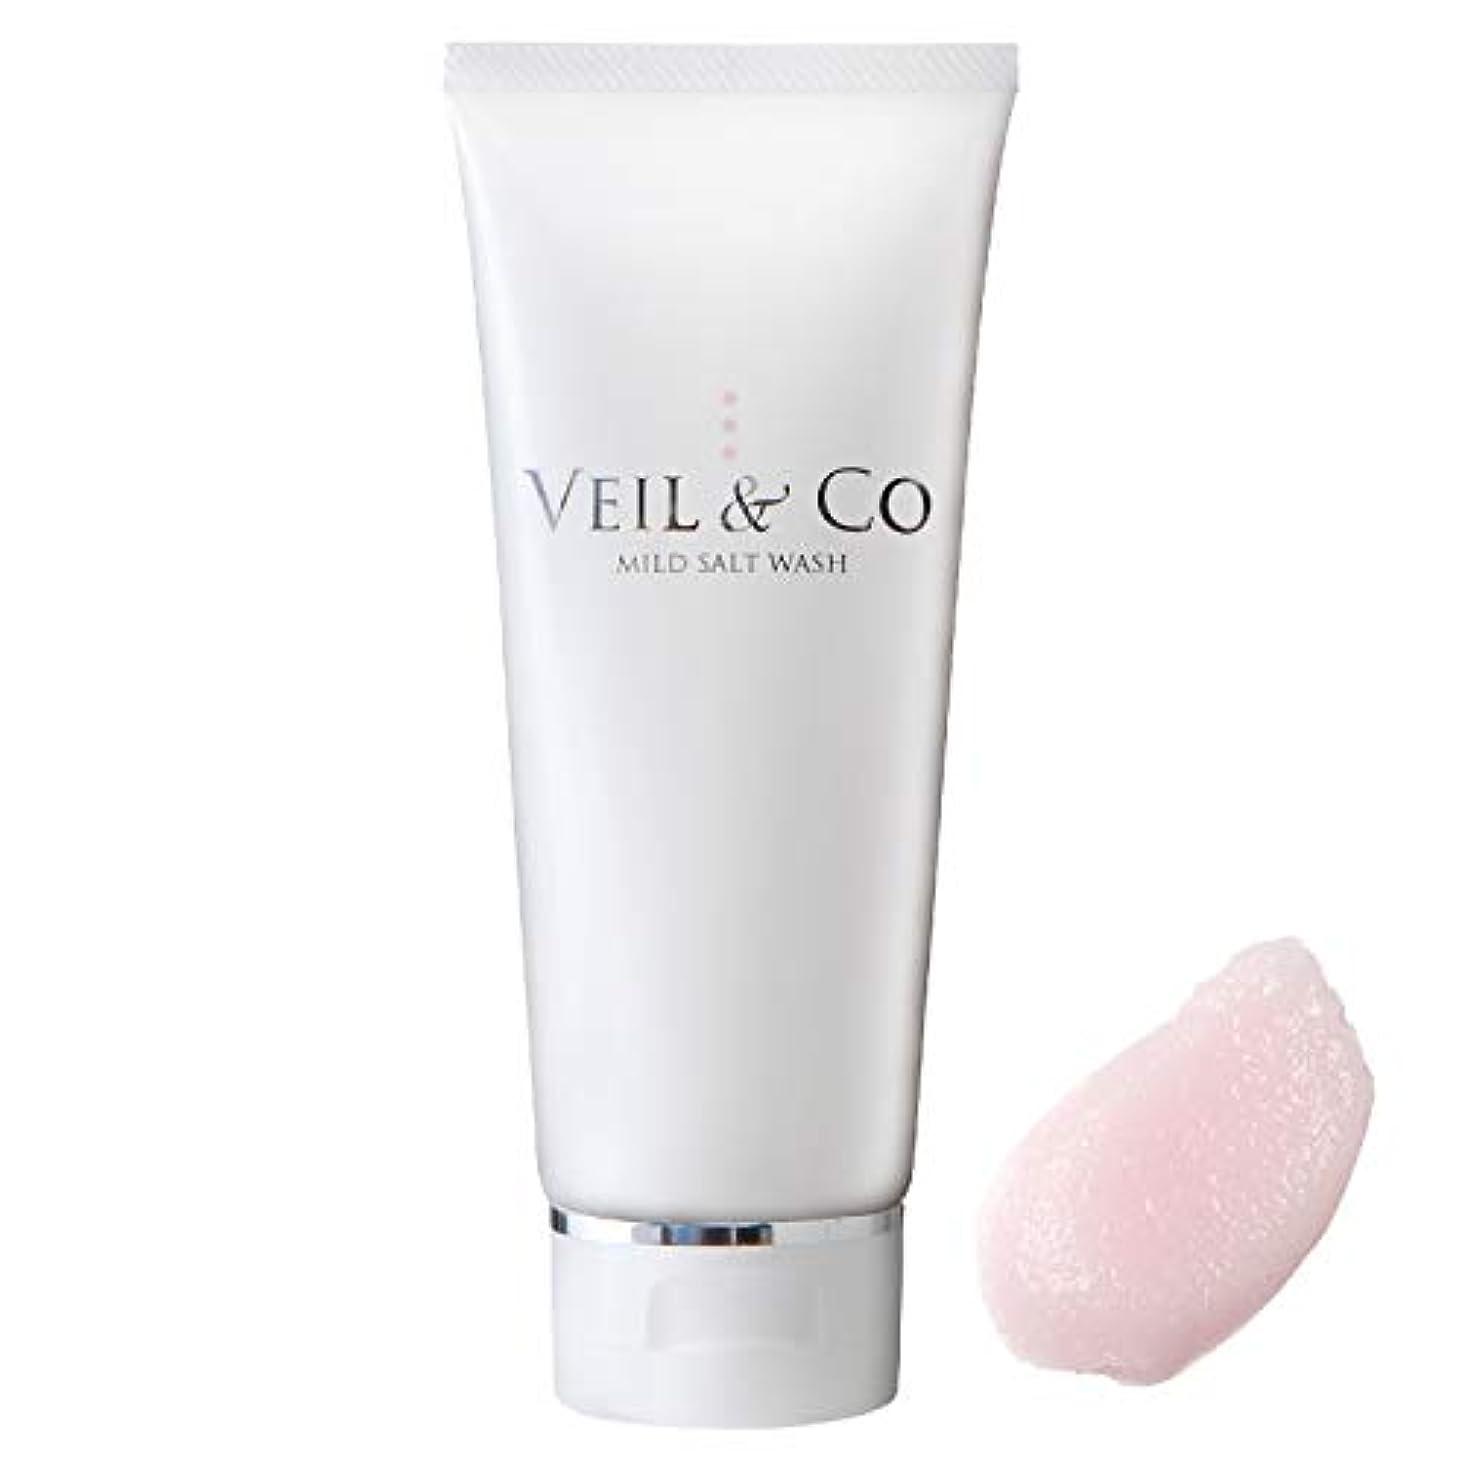 逆アテンダントチャレンジ【VEIL&Co】ベールアンドコー 毛穴専用マイルドソルトウォッシュ(洗顔料) 150g